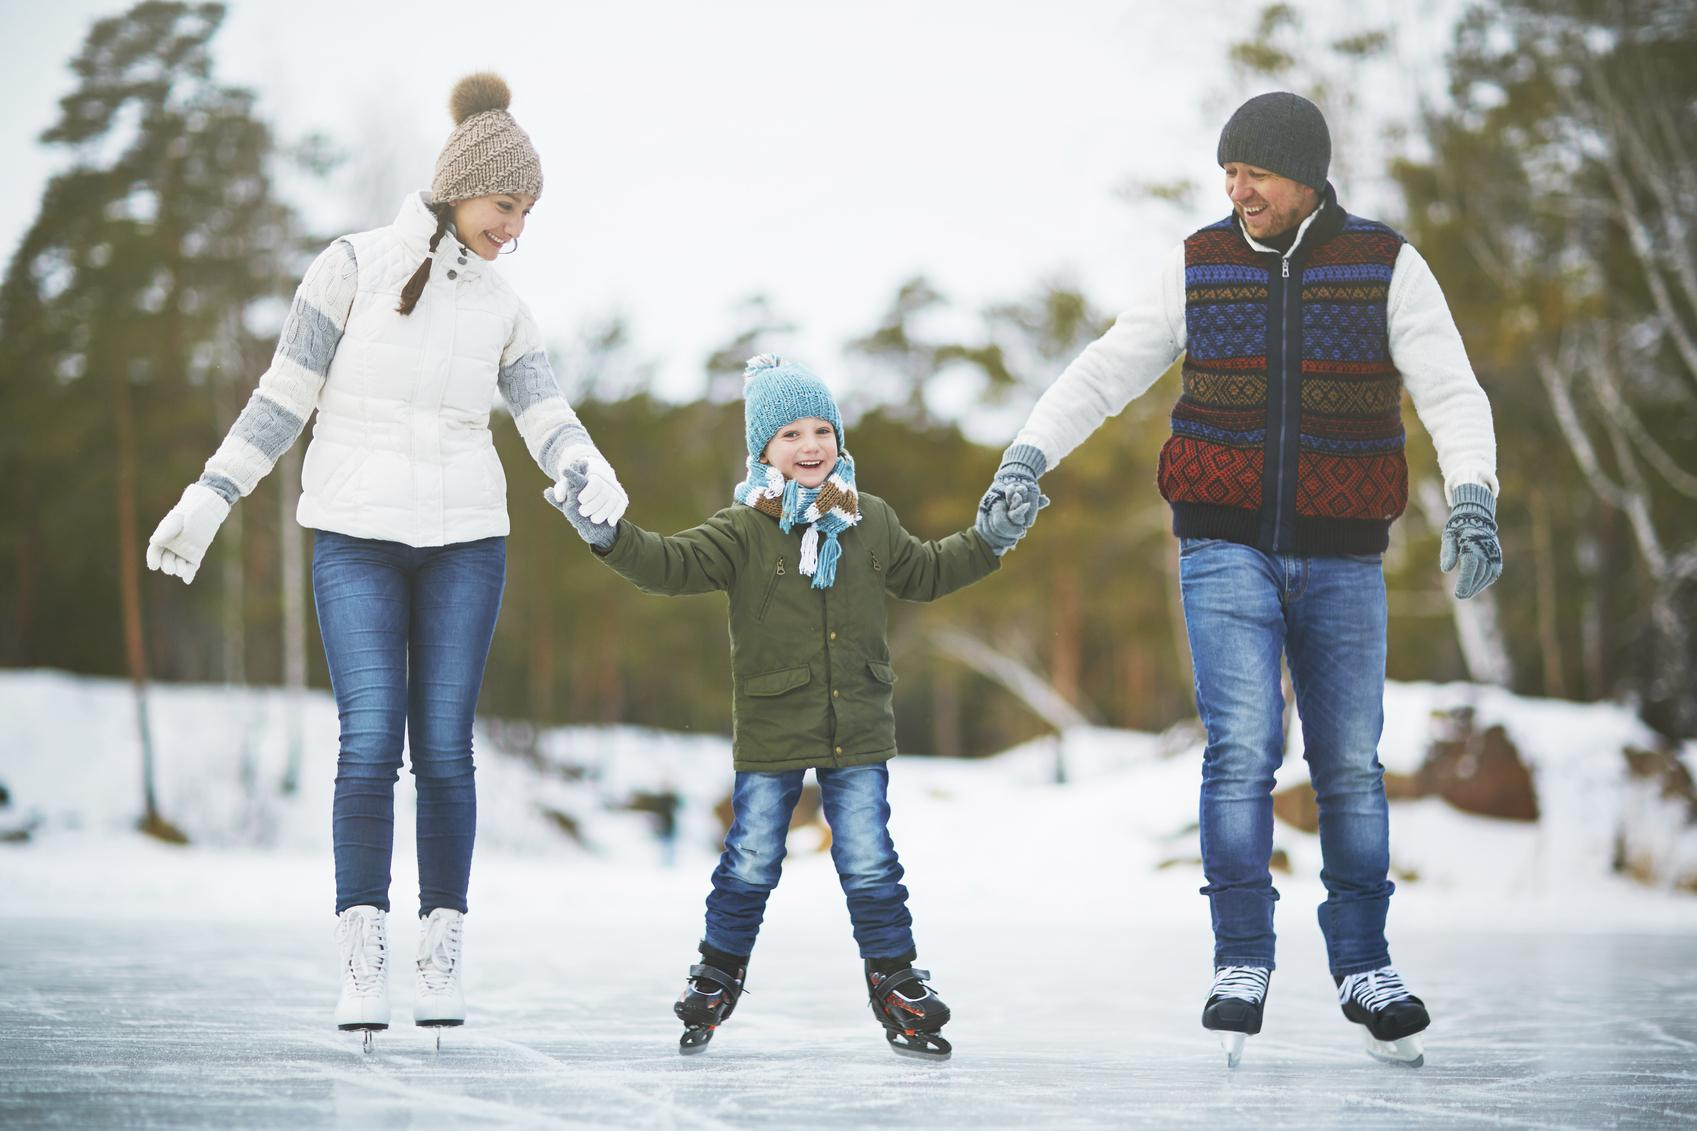 Cómo tener una familia feliz y unida - los mejores consejos